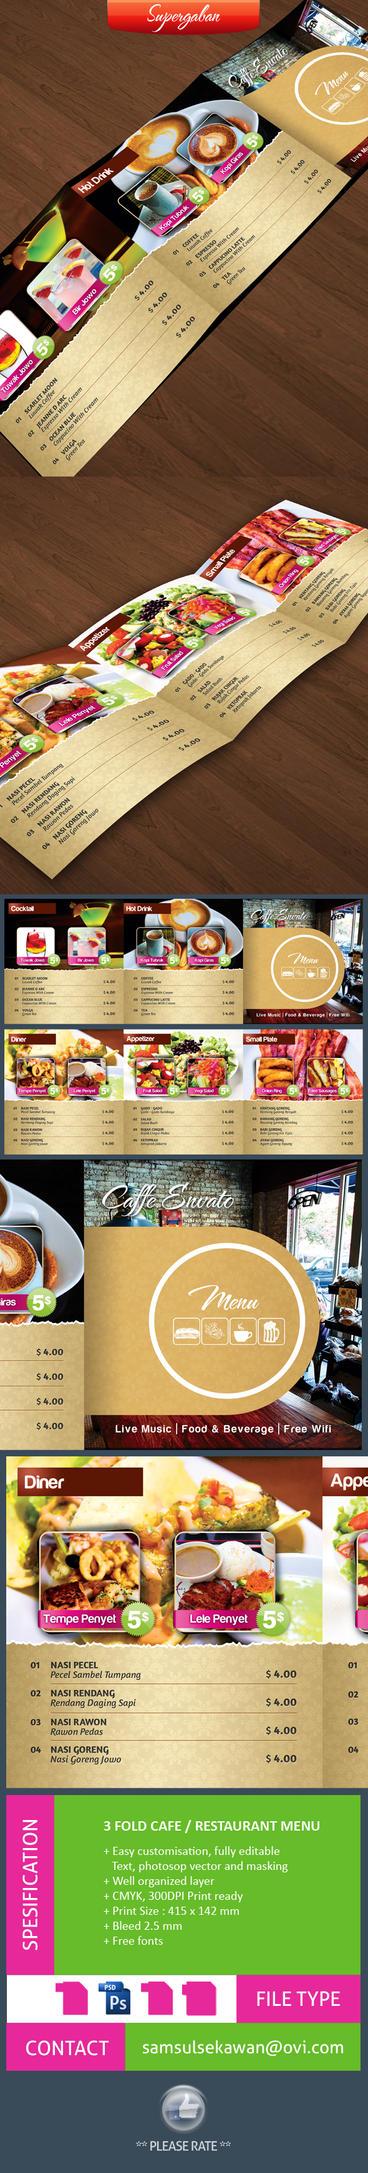 3 Fold Square Cafe Restaurant Menu by samsulsekawan